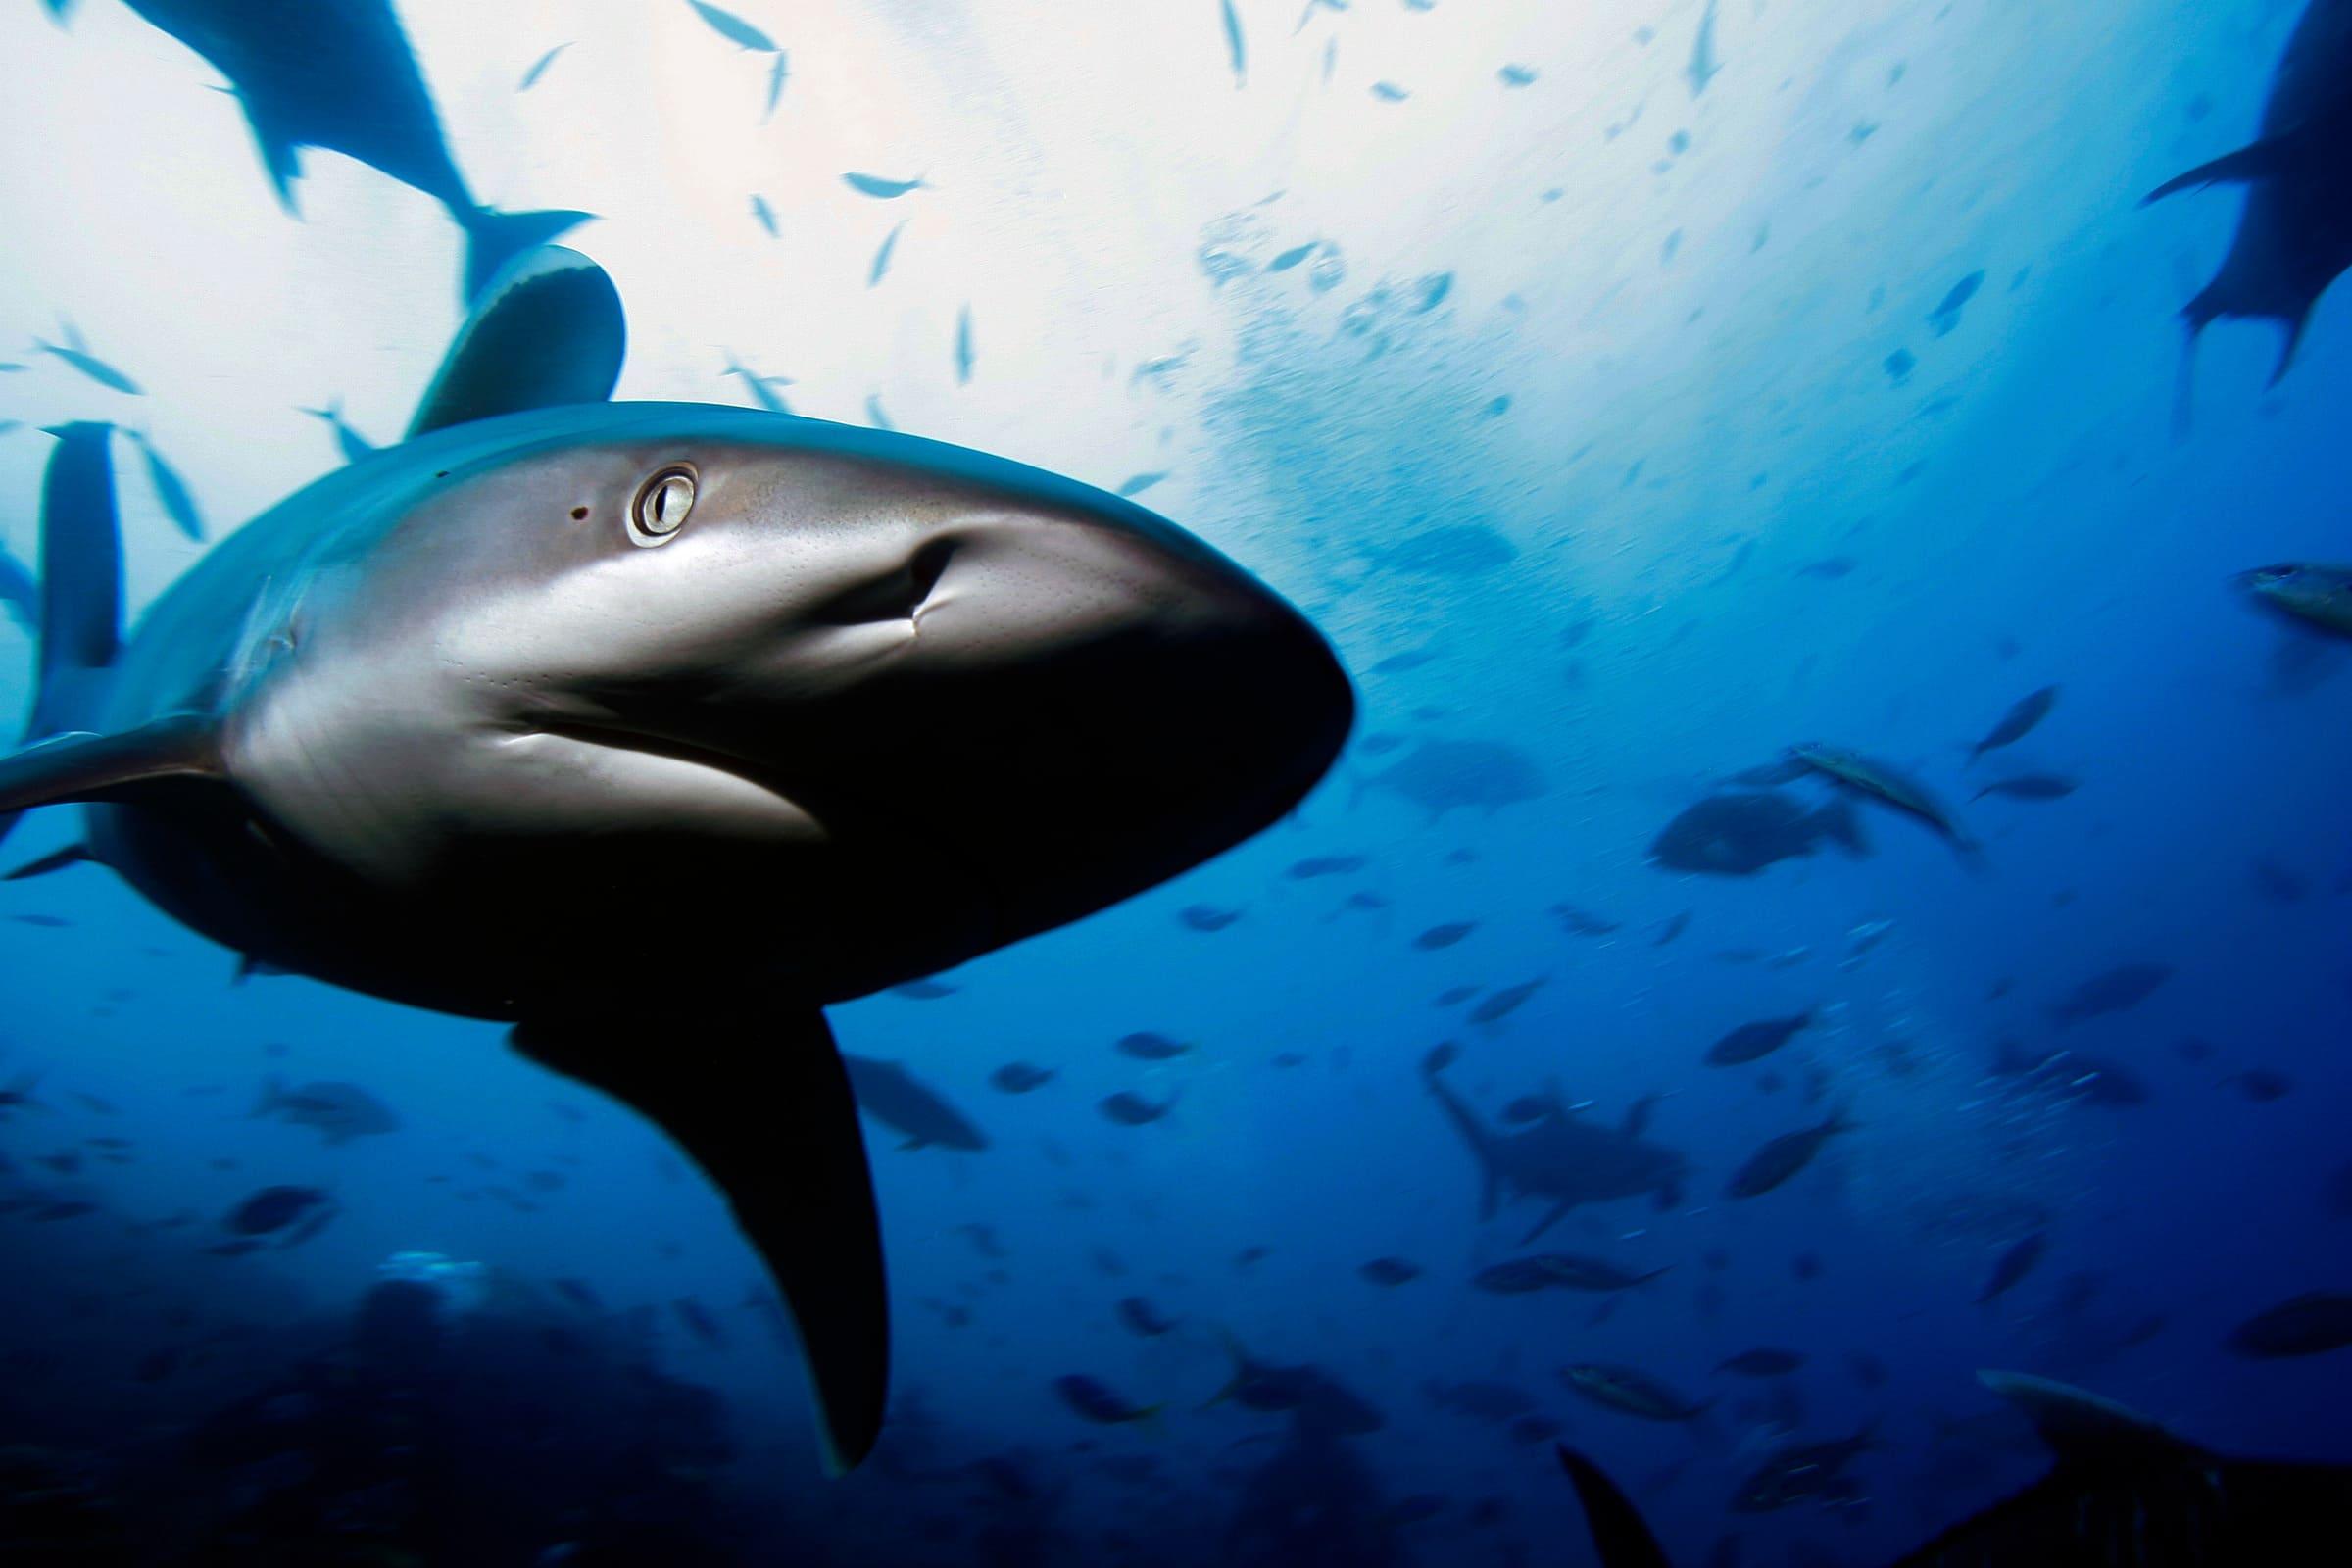 Silberspitzenhai in einem Fischschwarm